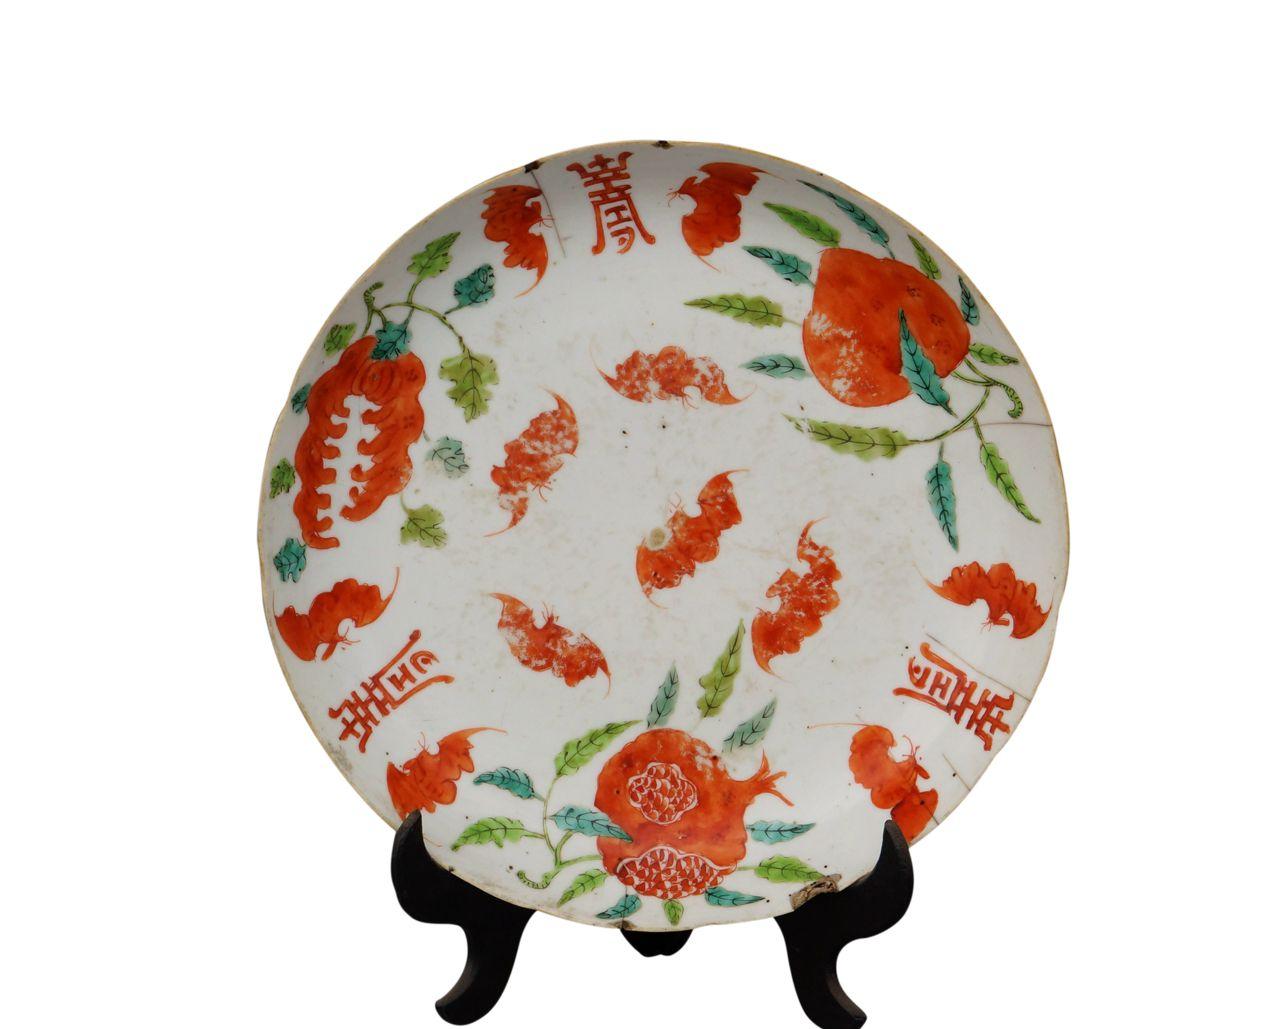 开封饮食文化博物馆,典藏清代民窑瓷器!件件精美!